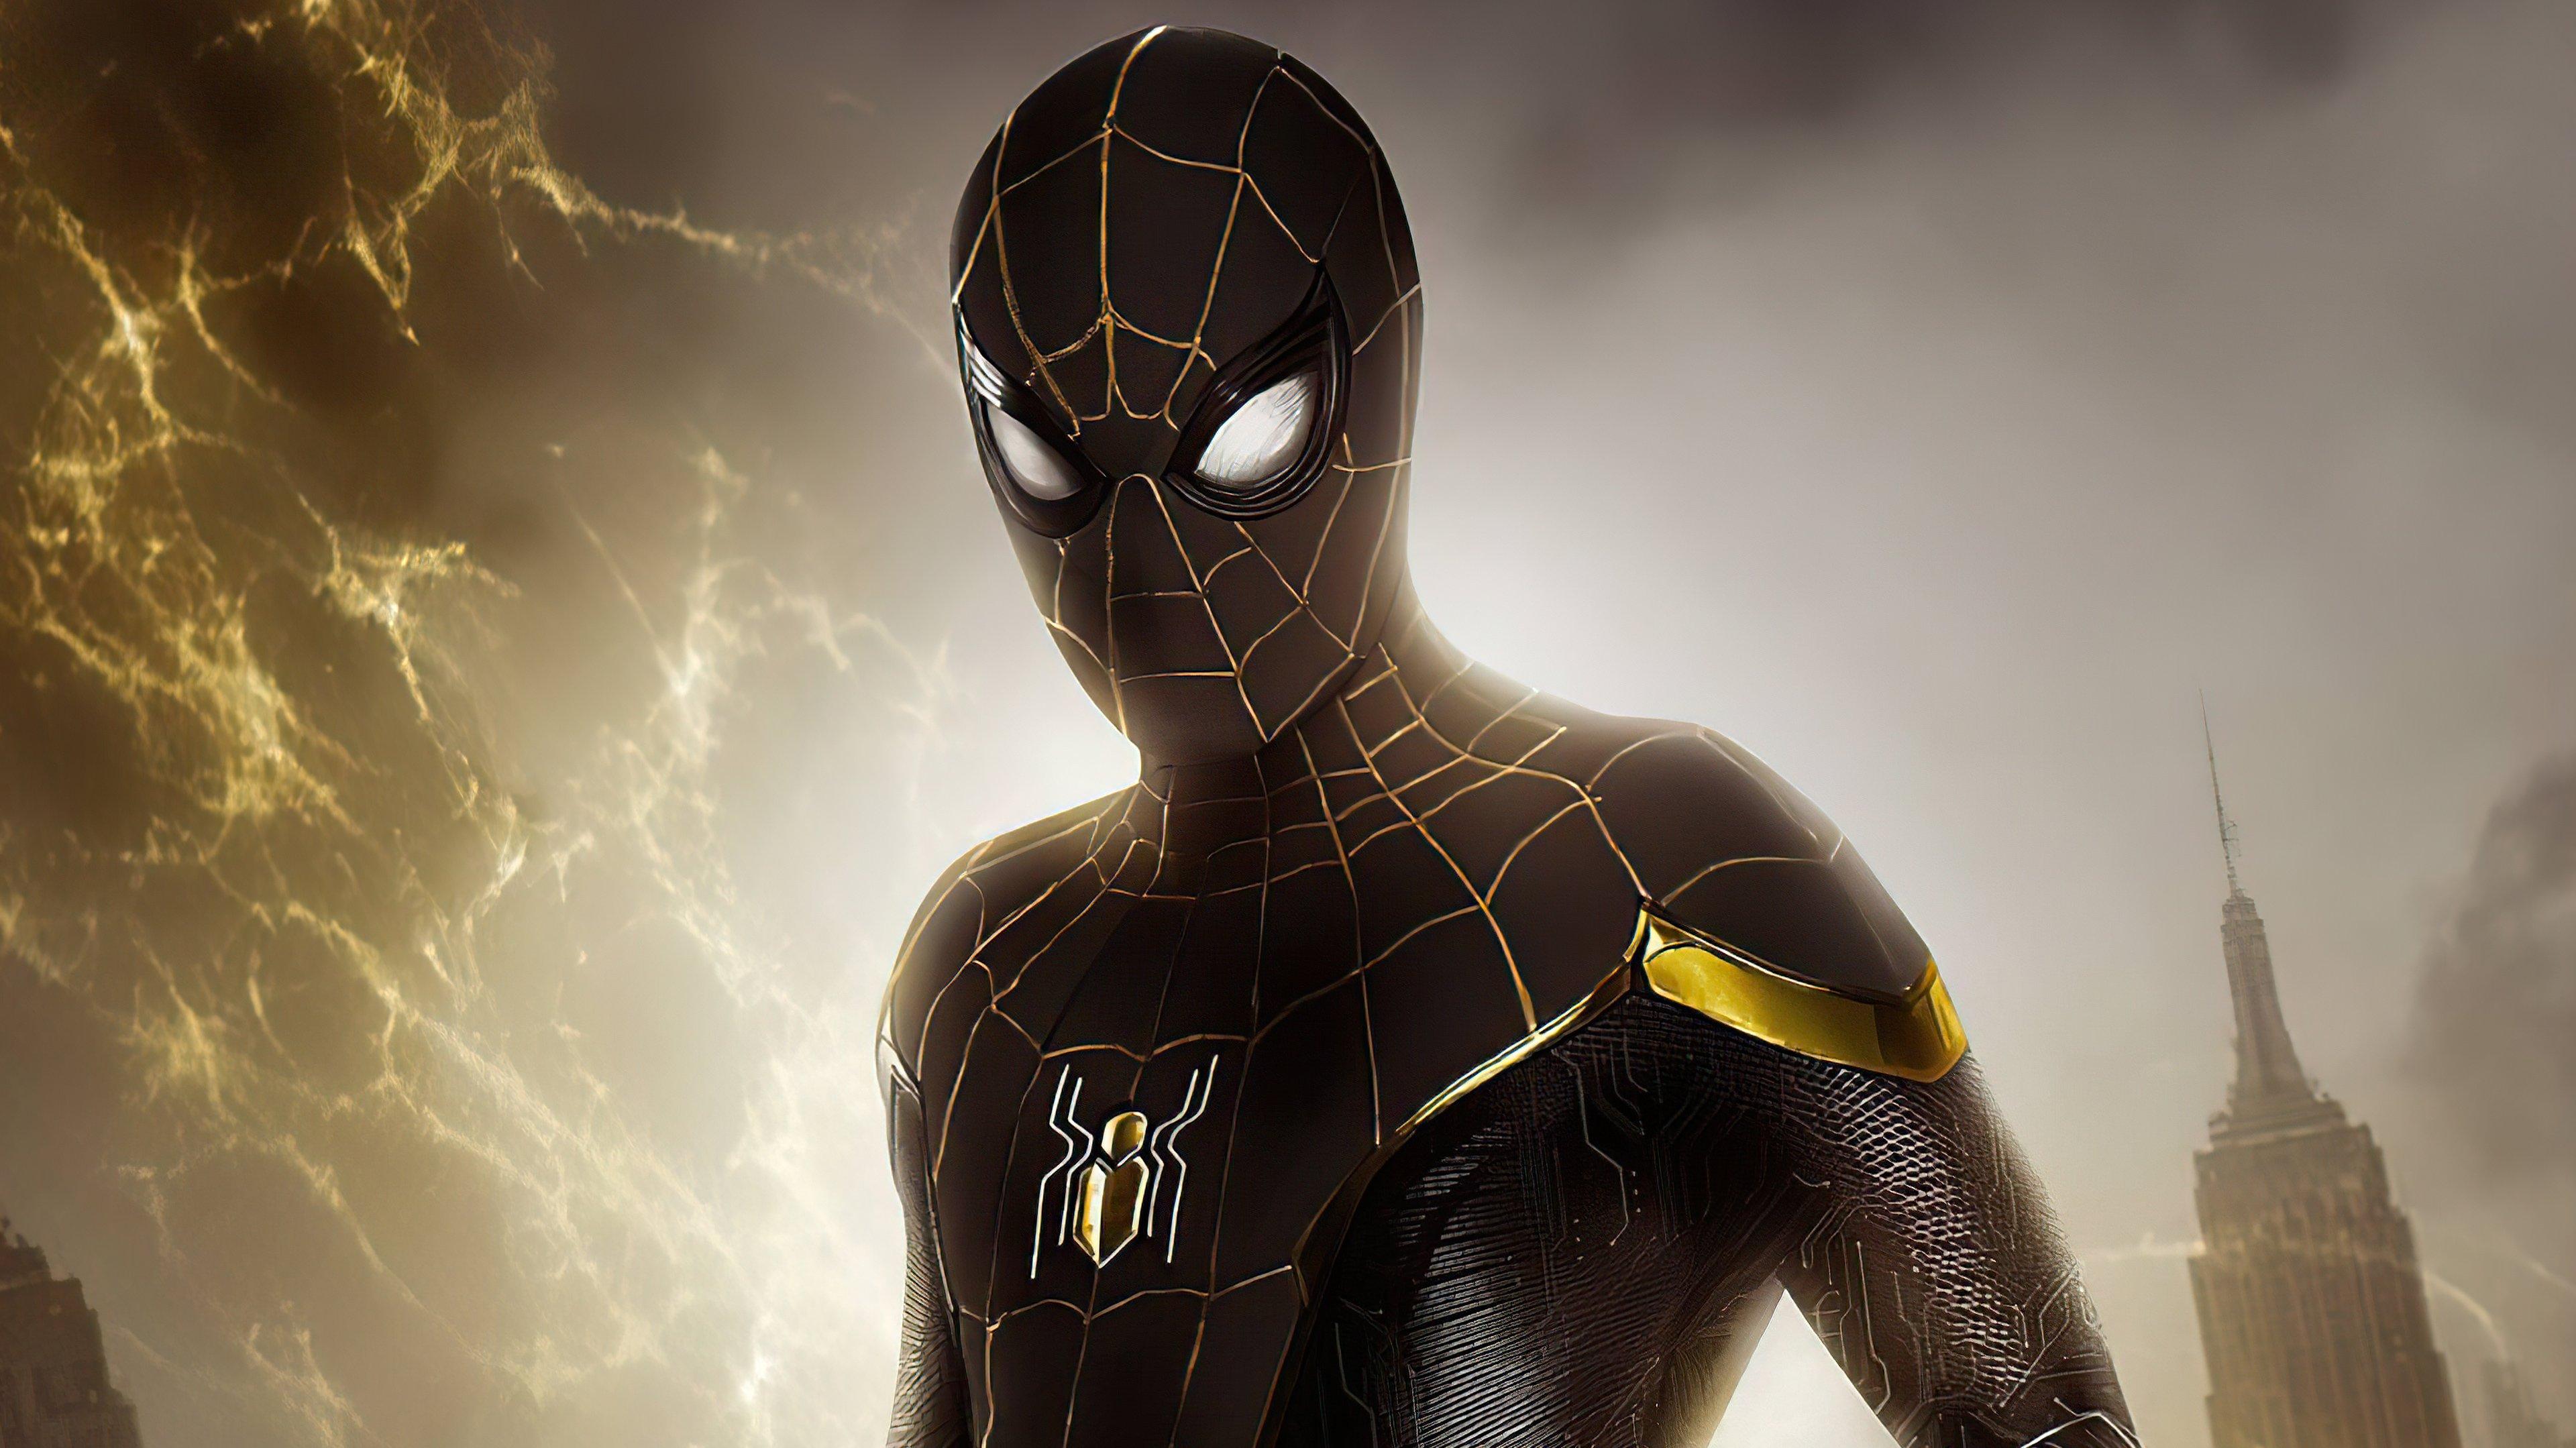 Fondos de pantalla Spider Man traje negro y dorado